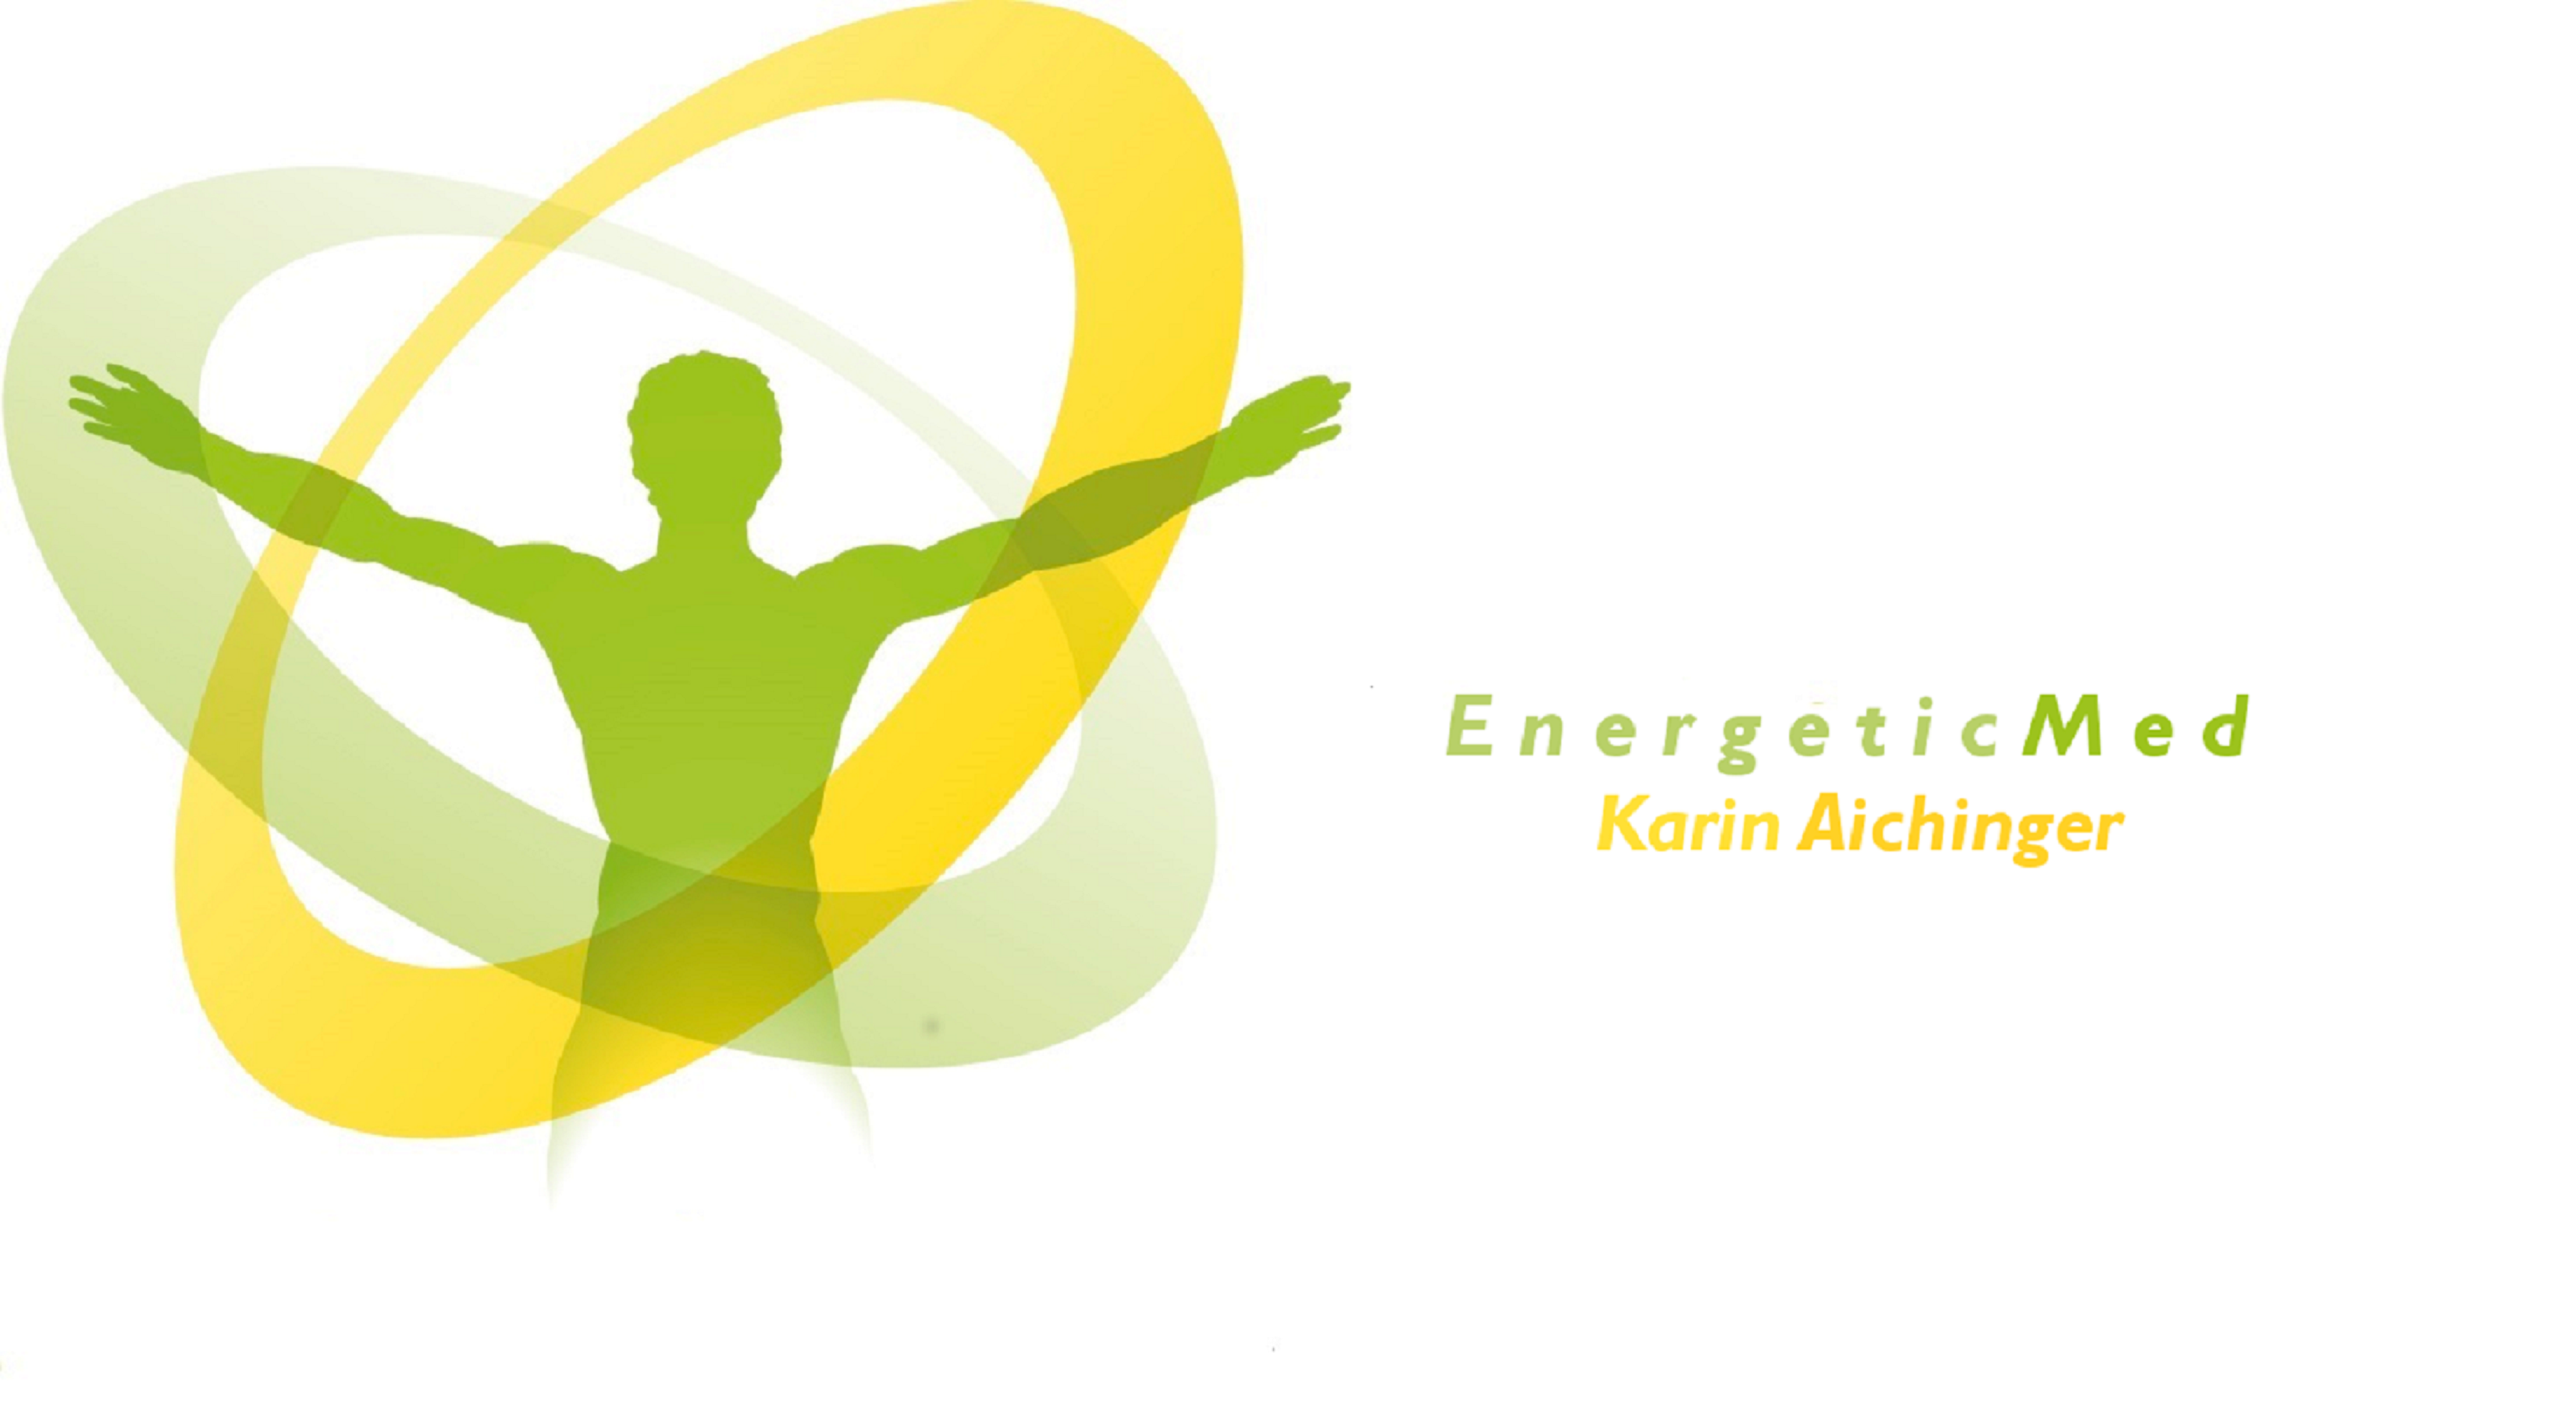 Karin Aichinger